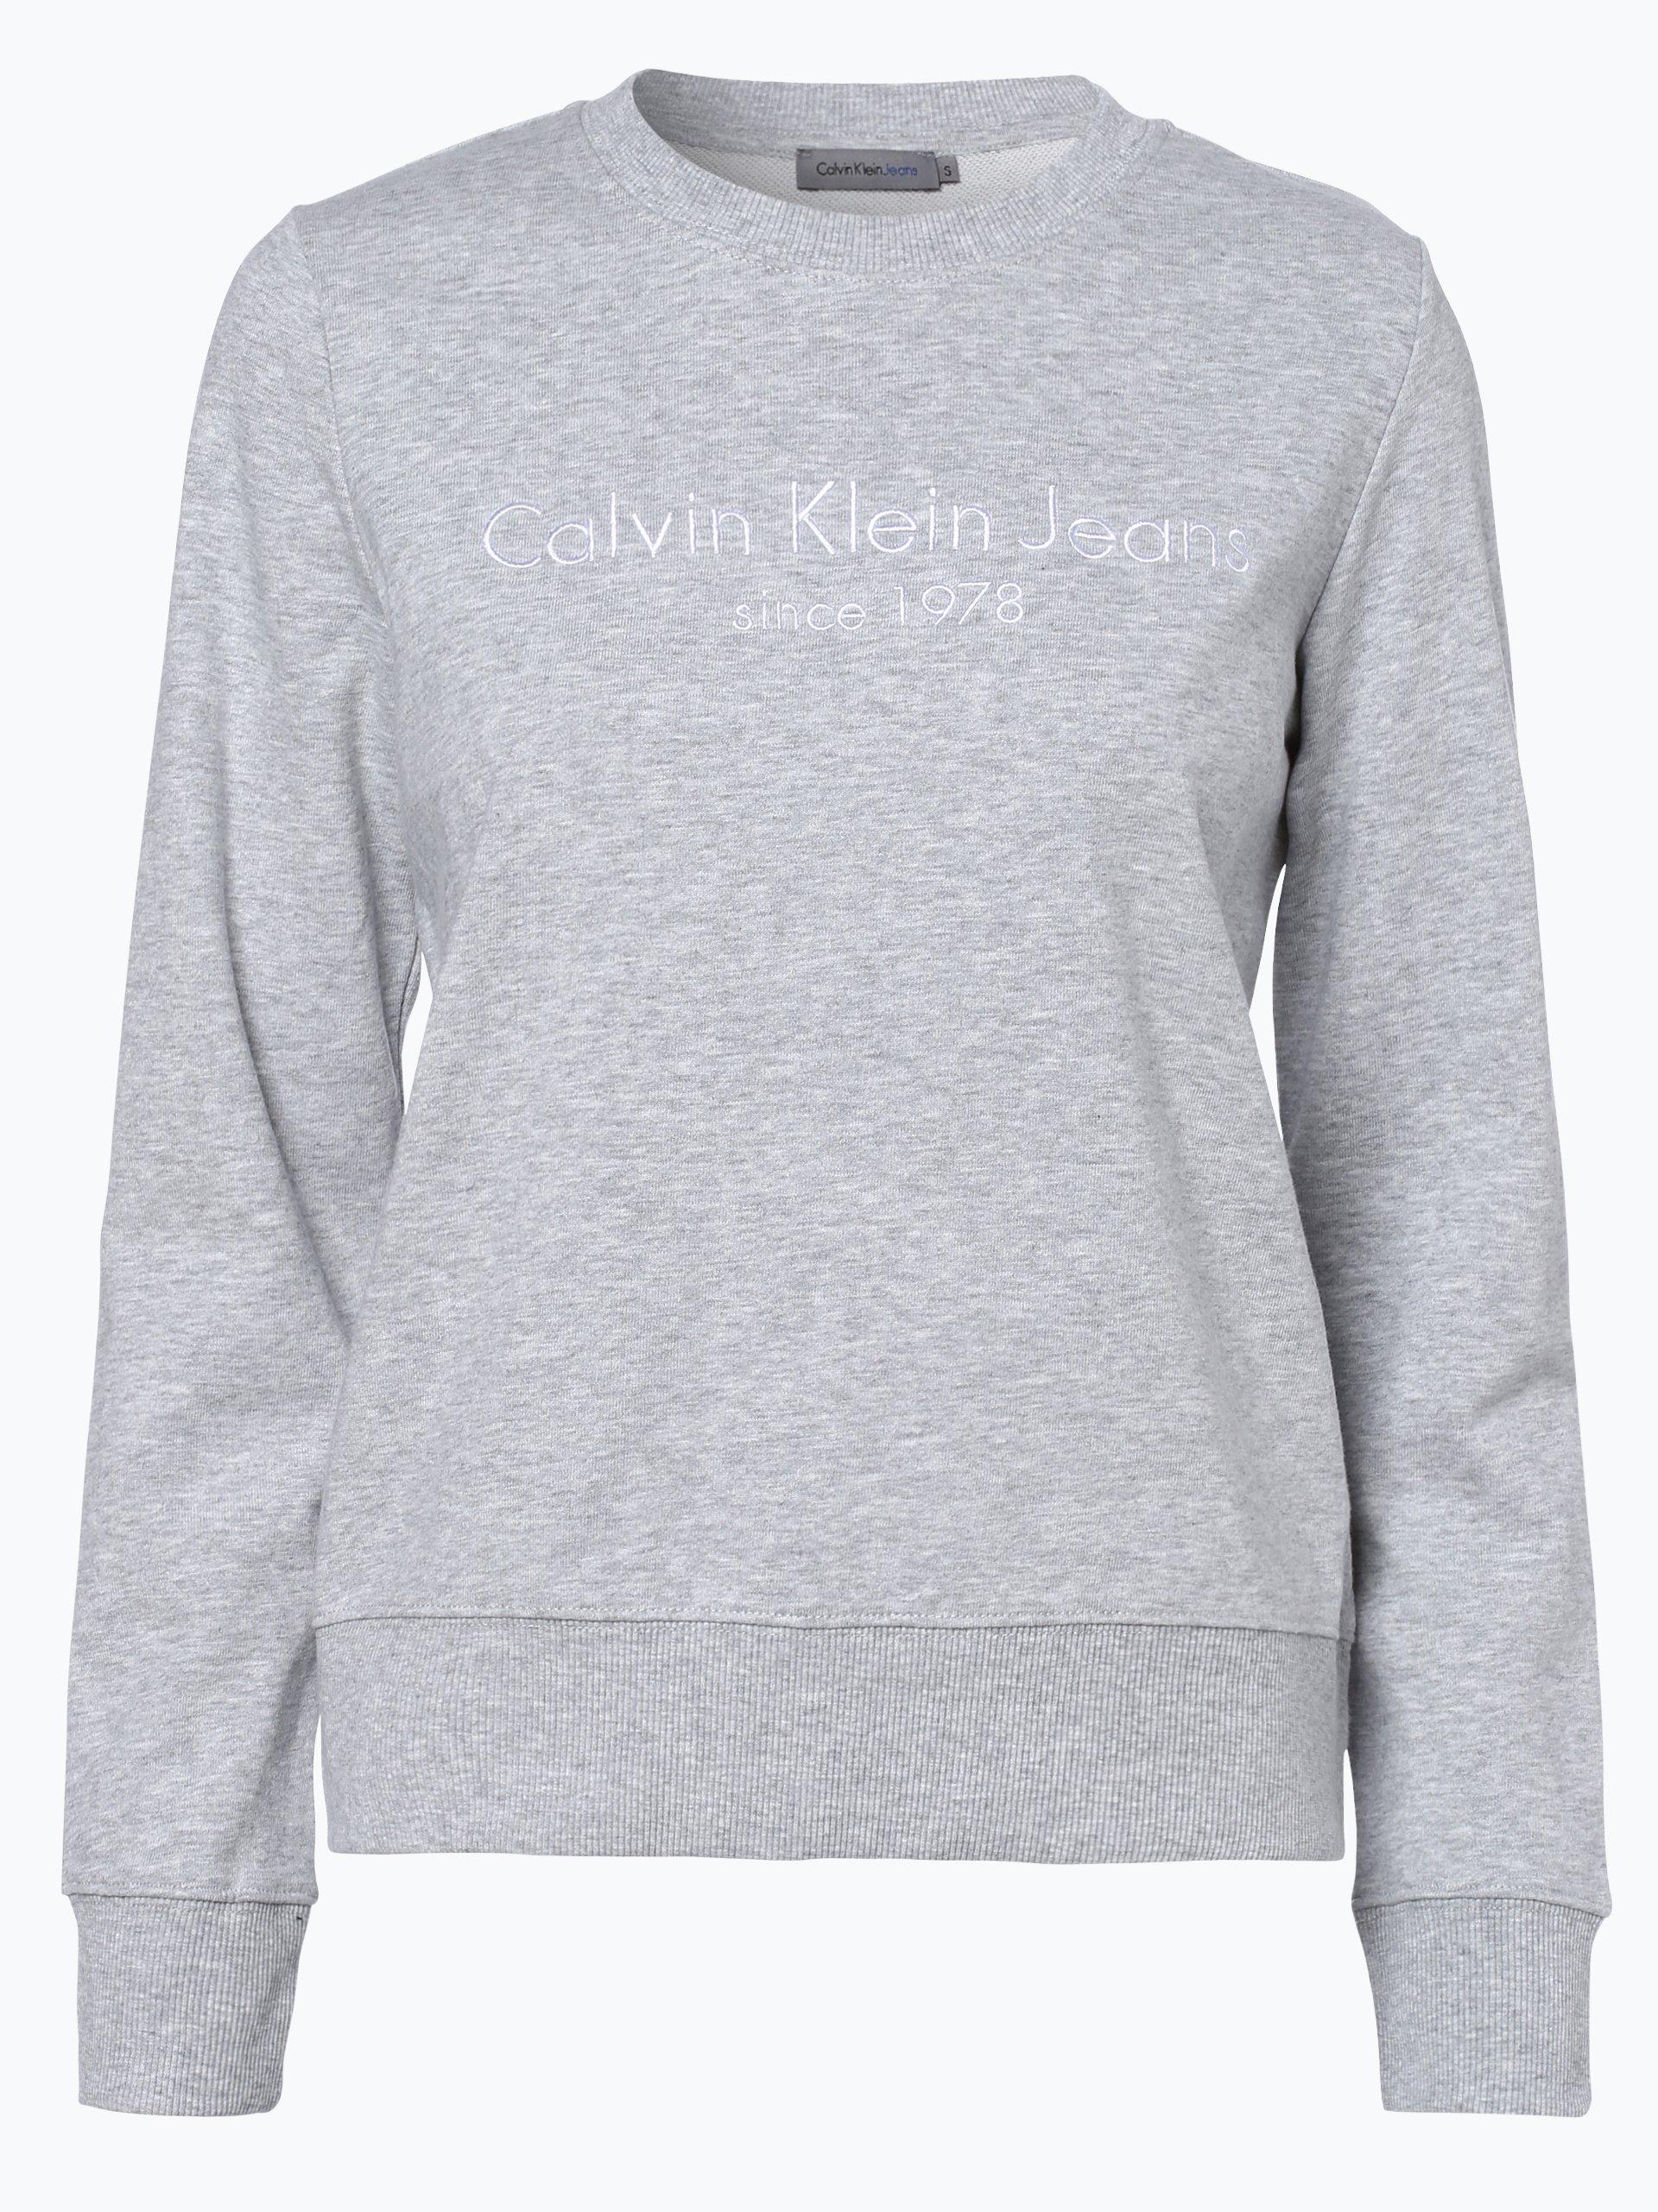 calvin klein jeans damen sweatshirt grau uni online kaufen. Black Bedroom Furniture Sets. Home Design Ideas